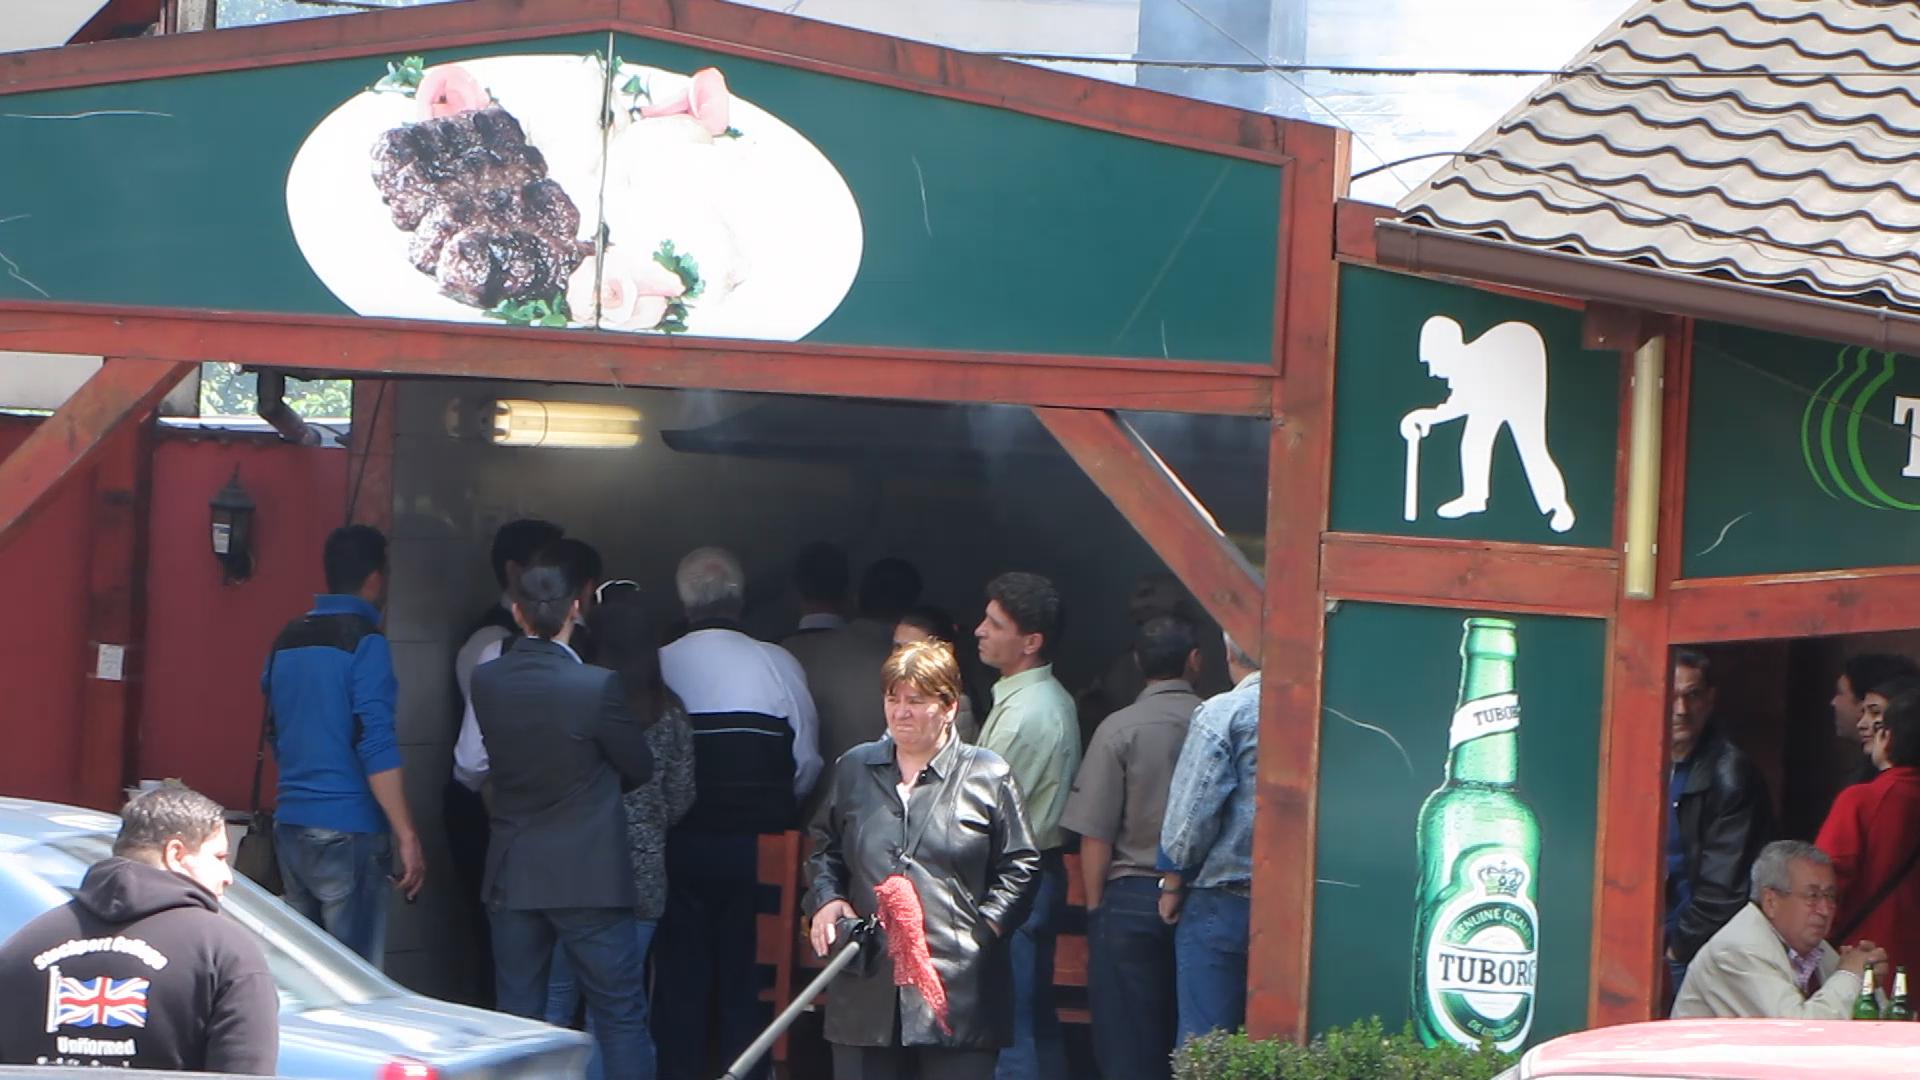 Intrarea in restaurant era prea mica pentru cate persoane erau la coada